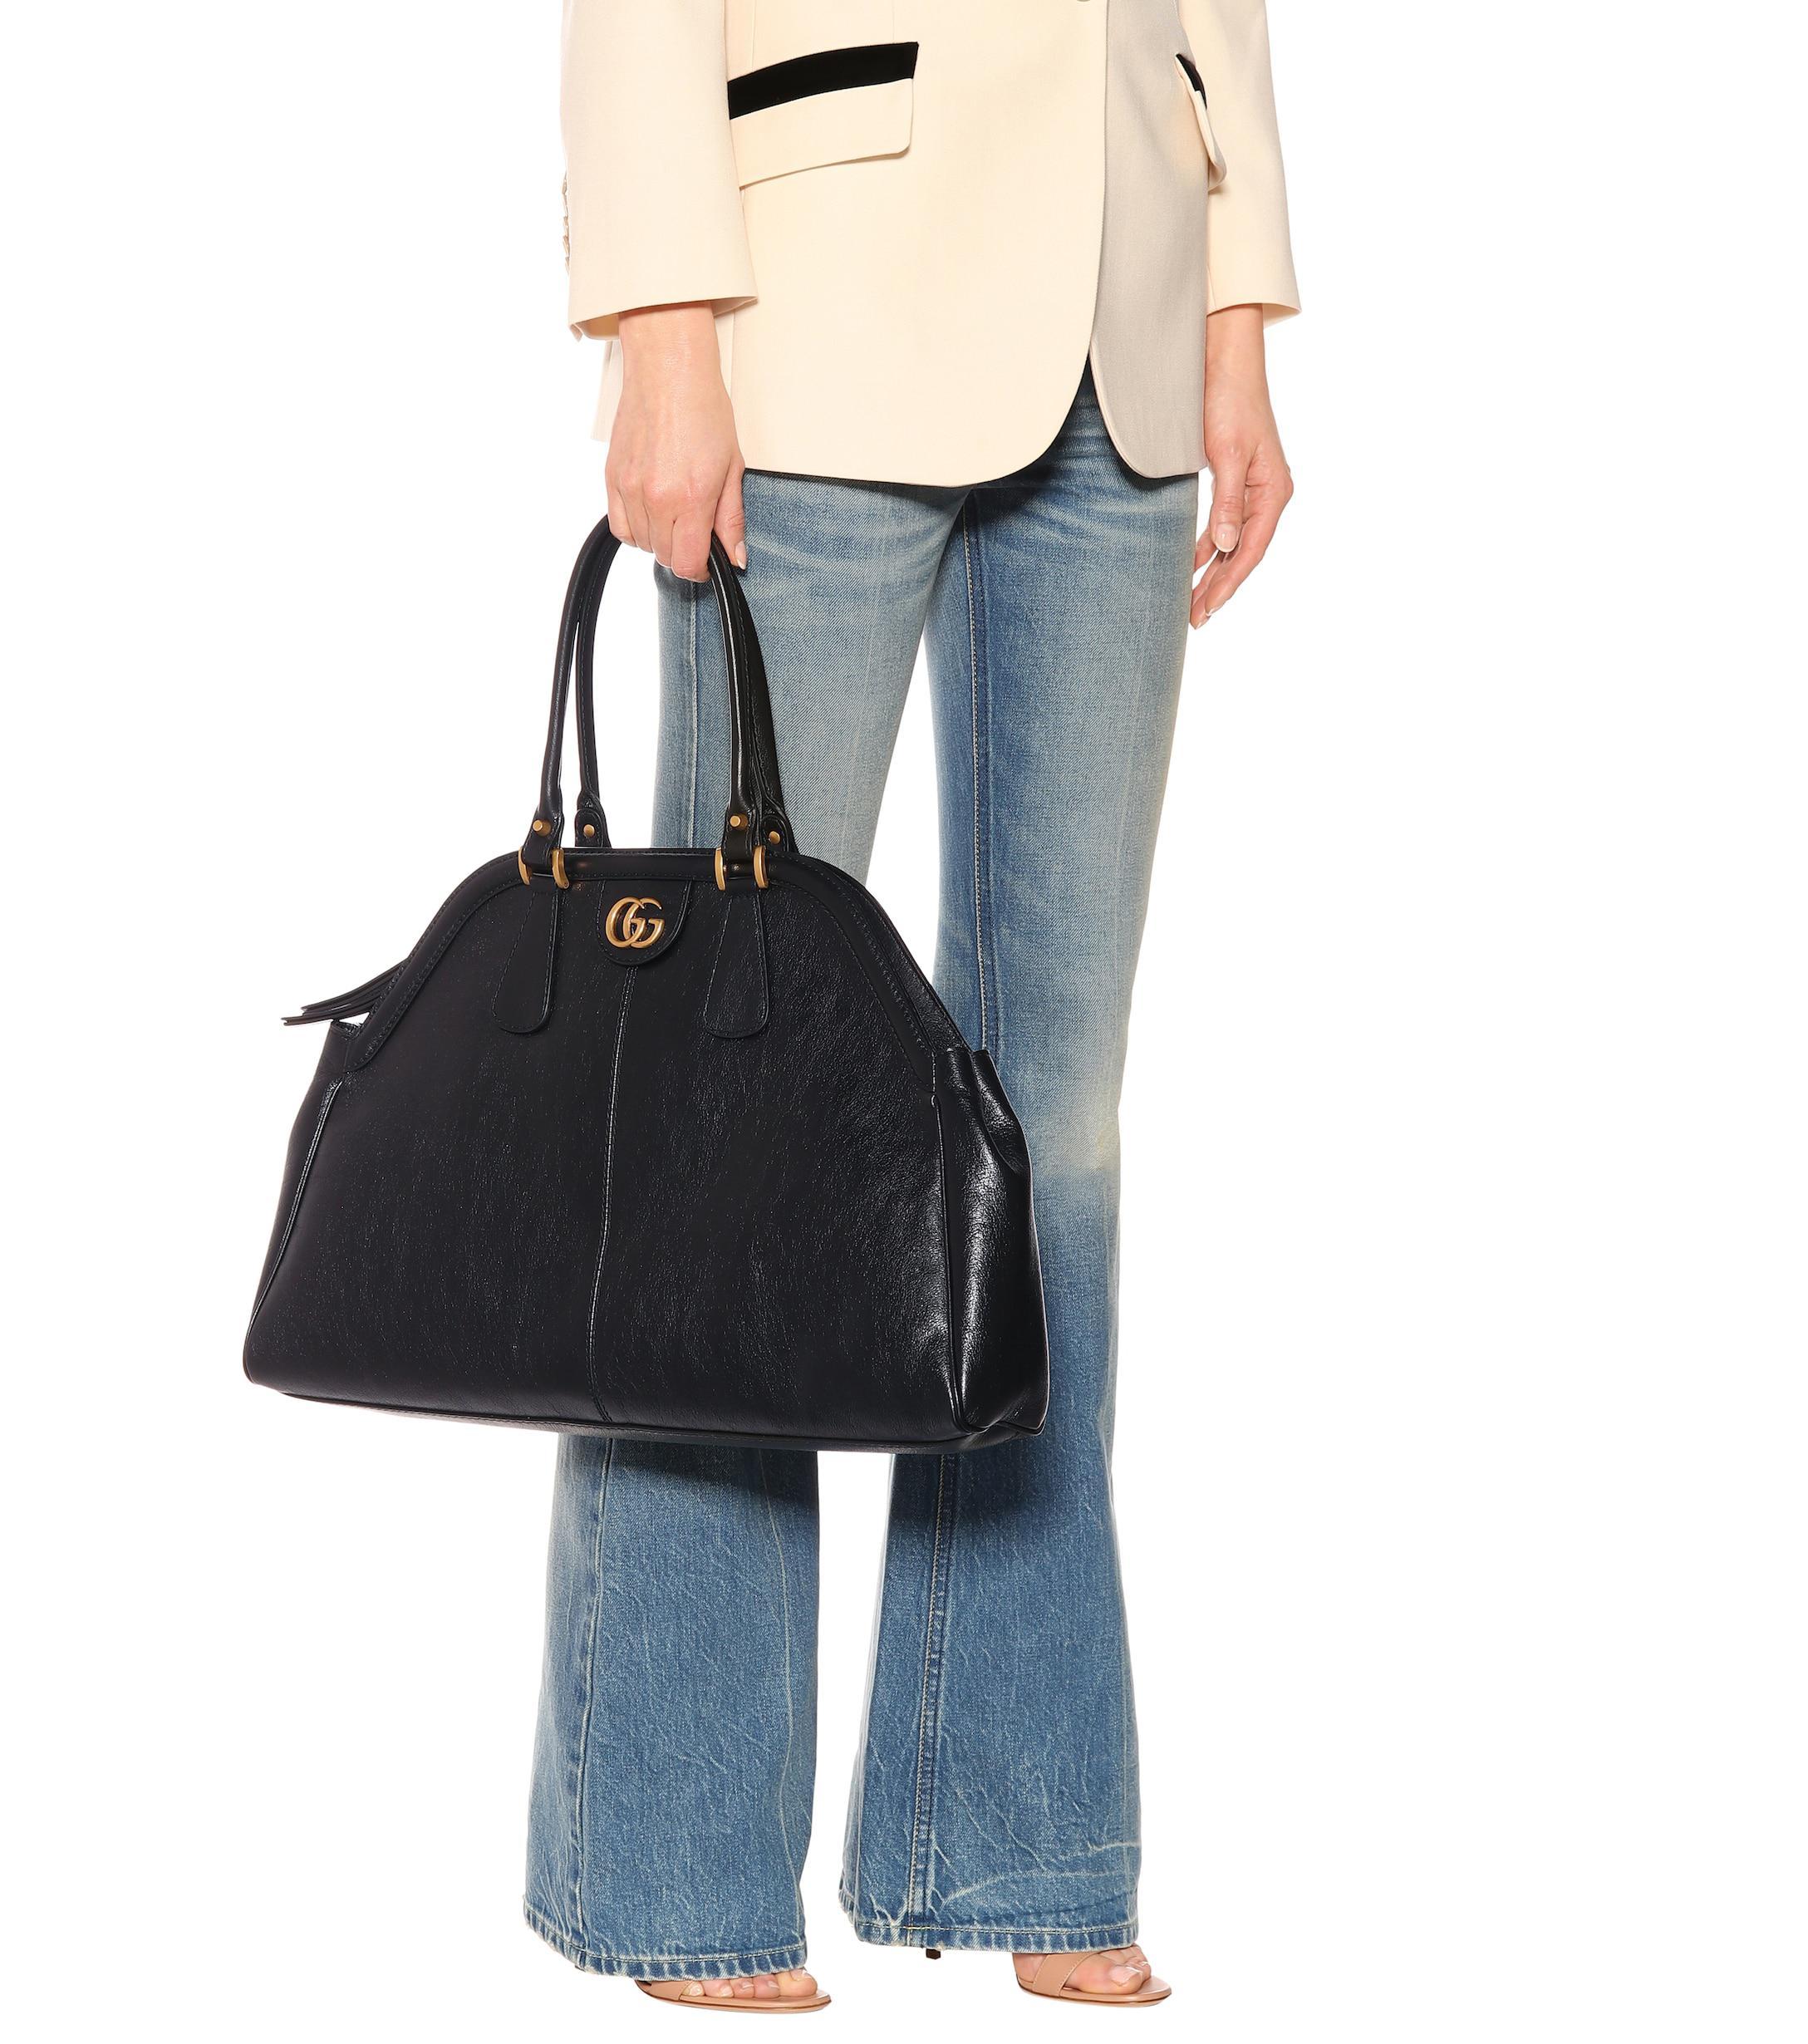 2a28970cd08 Lyst - Gucci Re(belle) Large Leather Shoulder Bag in Black - Save 38%